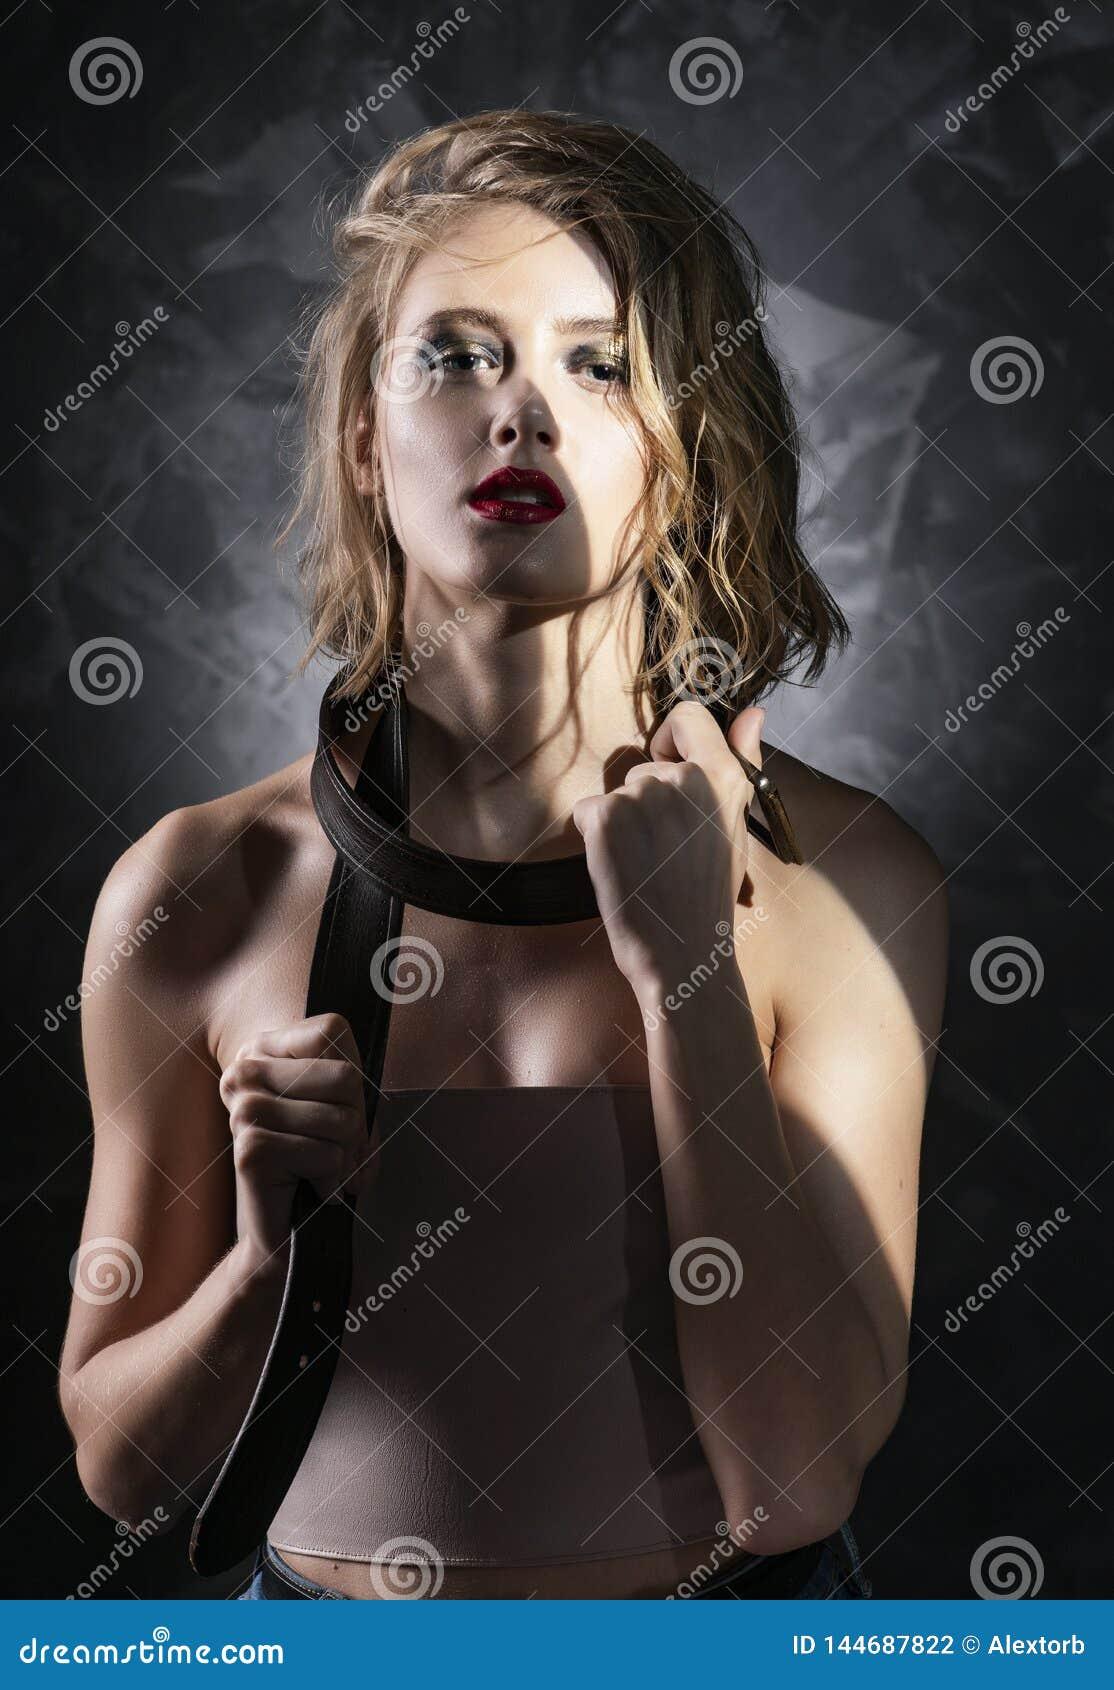 Det begreppsm?ssiga fotoet av en ung flicka med ov?rdat v?tt h?r, nakna skuldror, aggressivt smink, och m?n piskar b?ltet omkring